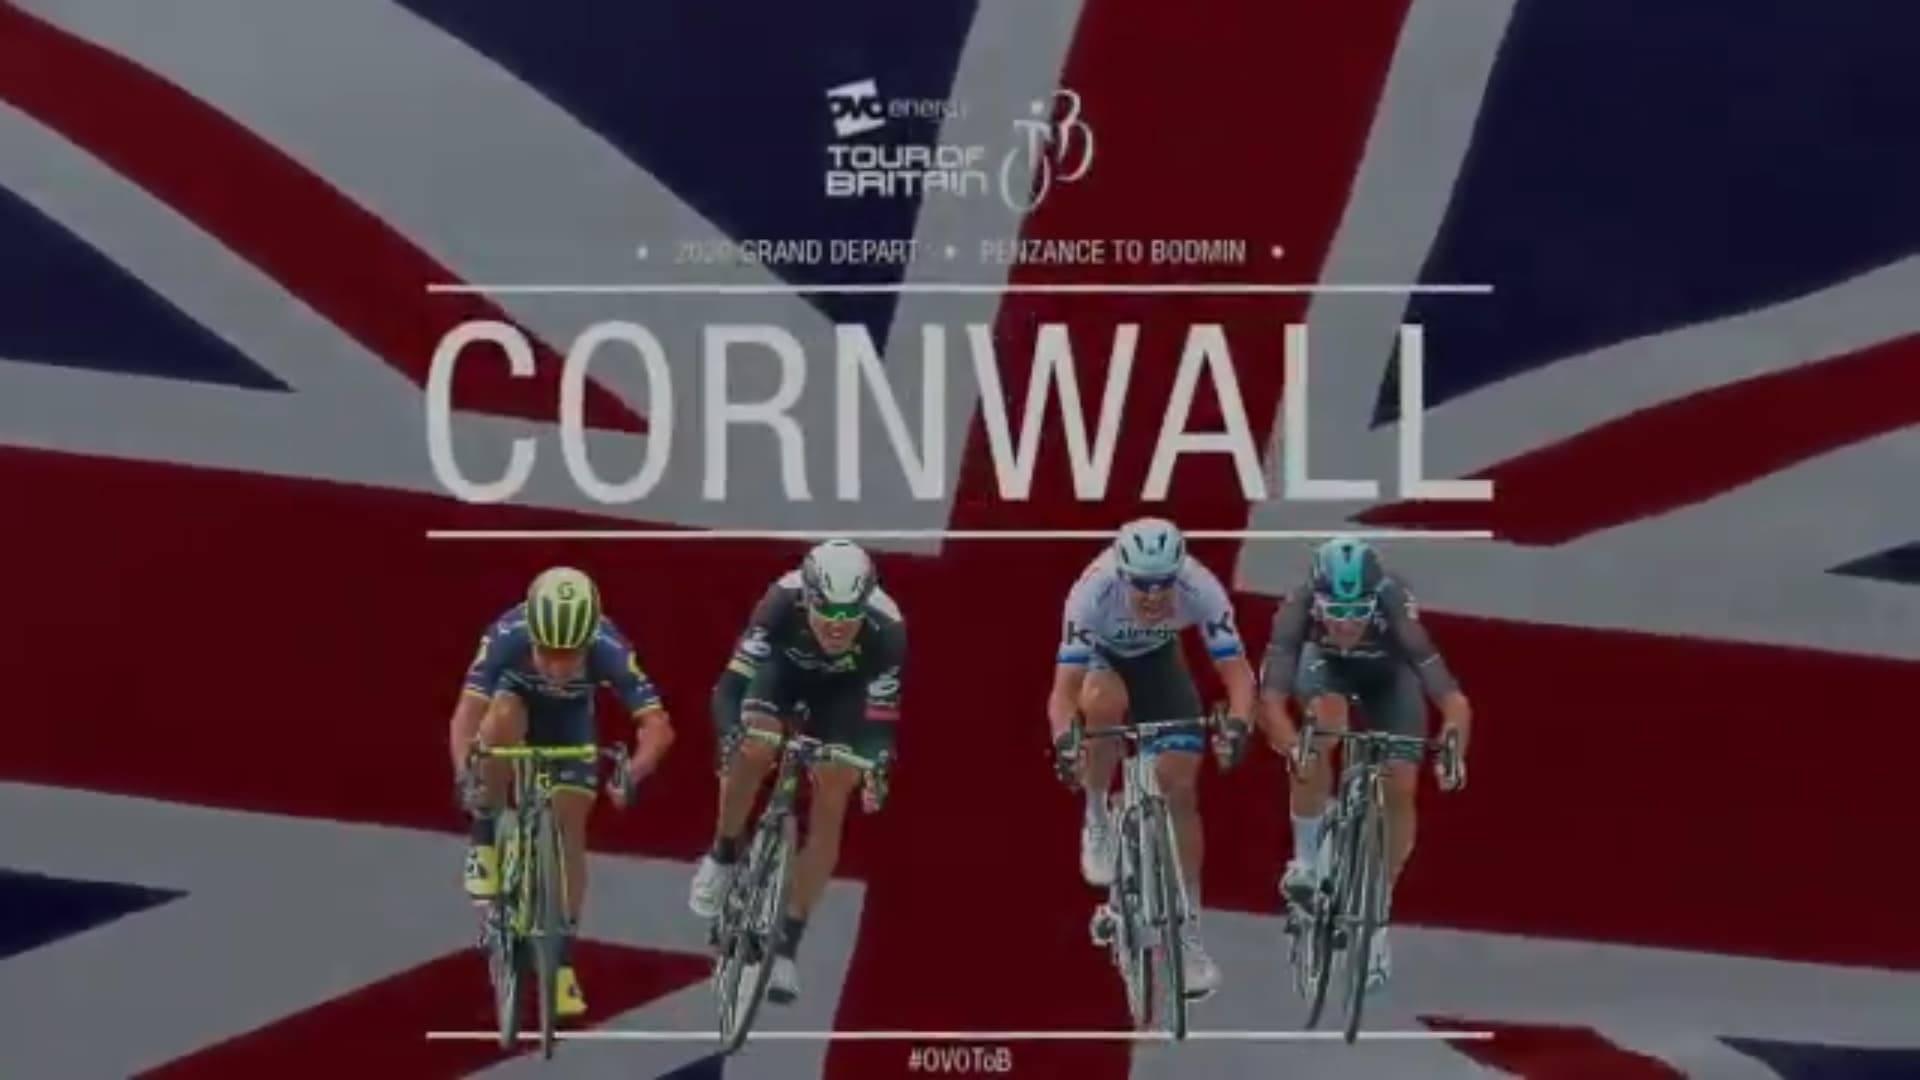 Tour de Grande-Bretagne - Le départ des Cornouailles en 2020